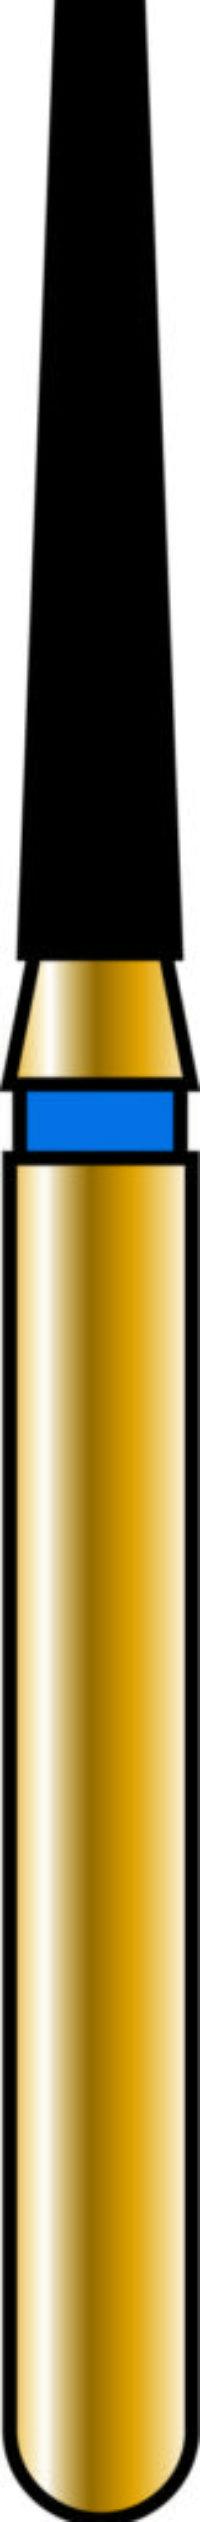 Flat End Taper 14-8mm Gold Diamond Bur - Coarse Grit